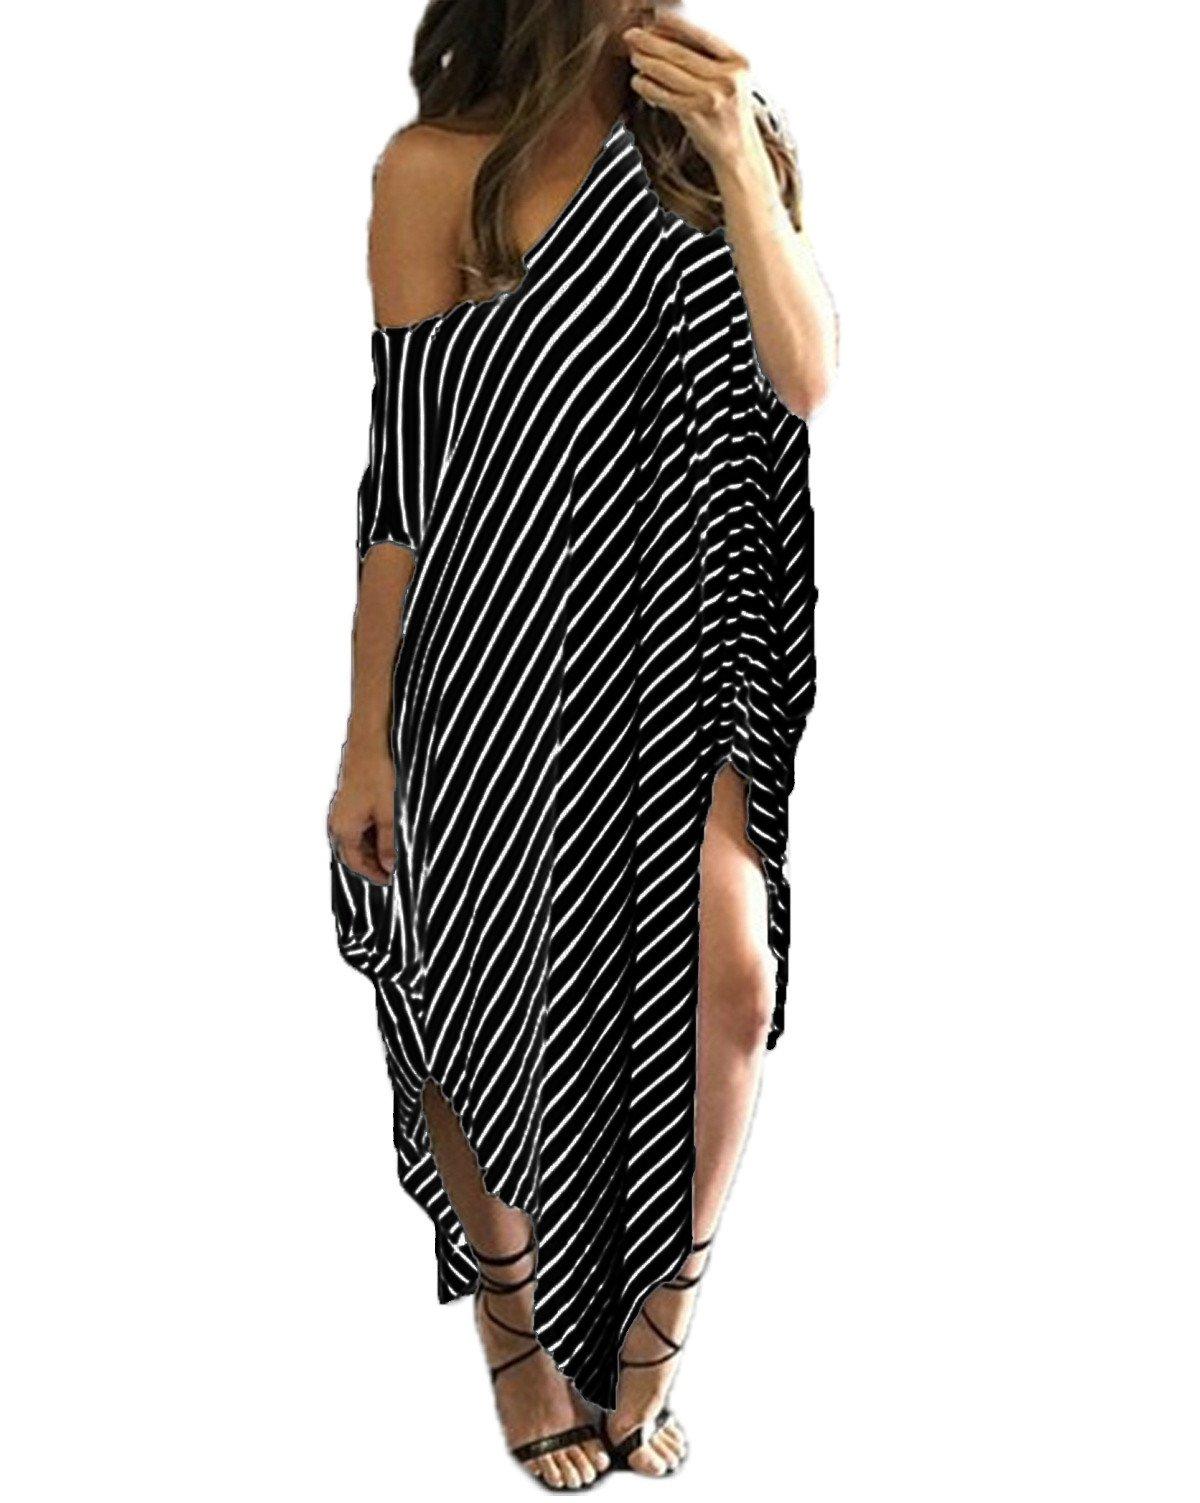 ZANZEA Vestidos largos Rayas Negro y Blanco de Novia para Mujer Camisas Verano 2017